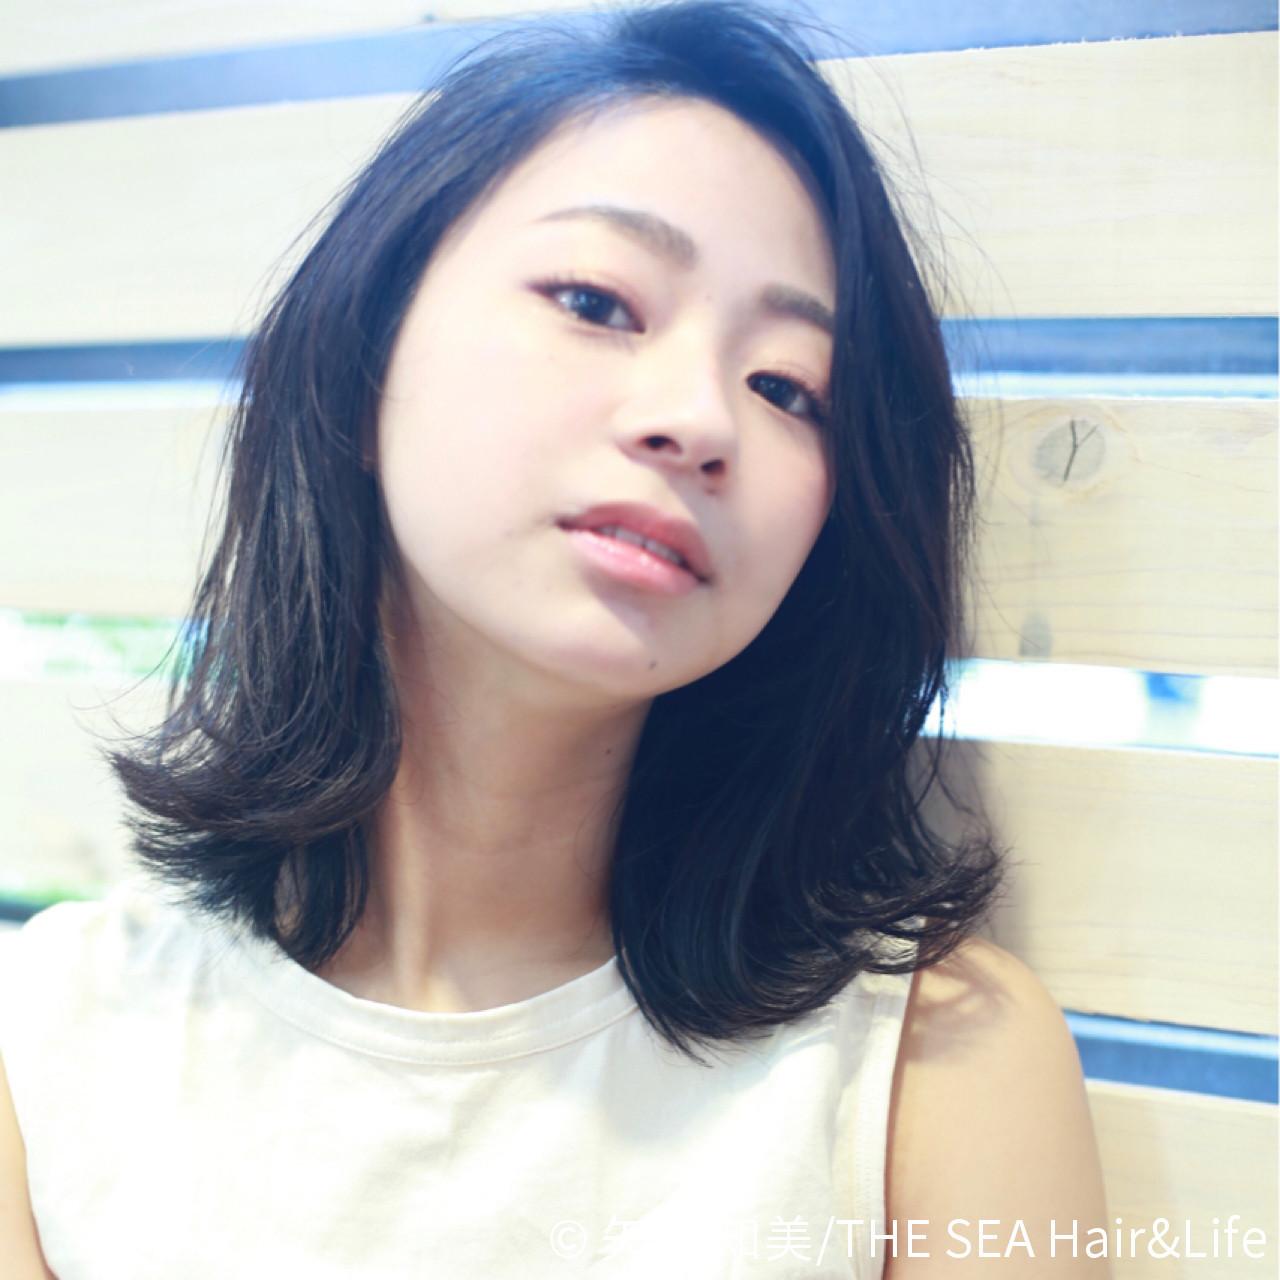 無造作なこなれ感たっぷりカジュアルミディアム 矢邊 知美/THE SEA Hair&Life  THE SEA Hair&Life